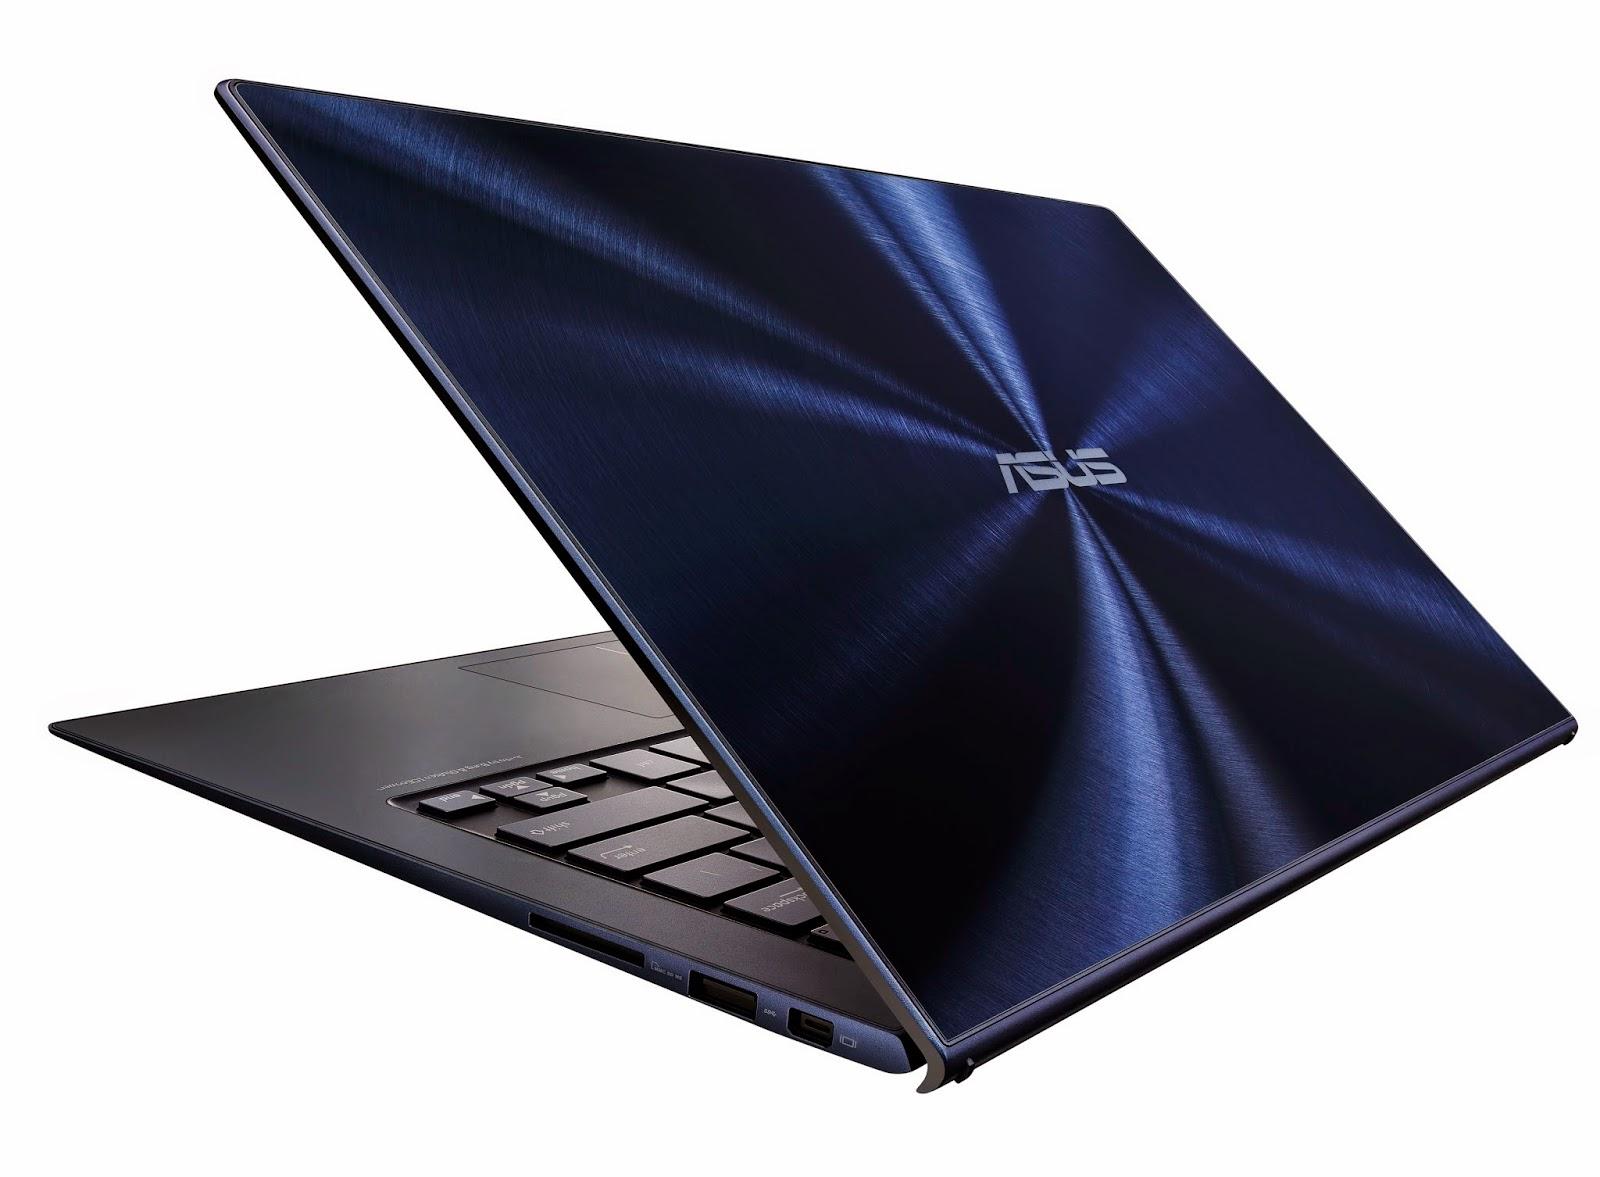 Harga Laptop Terbaru Asus Januari 2015